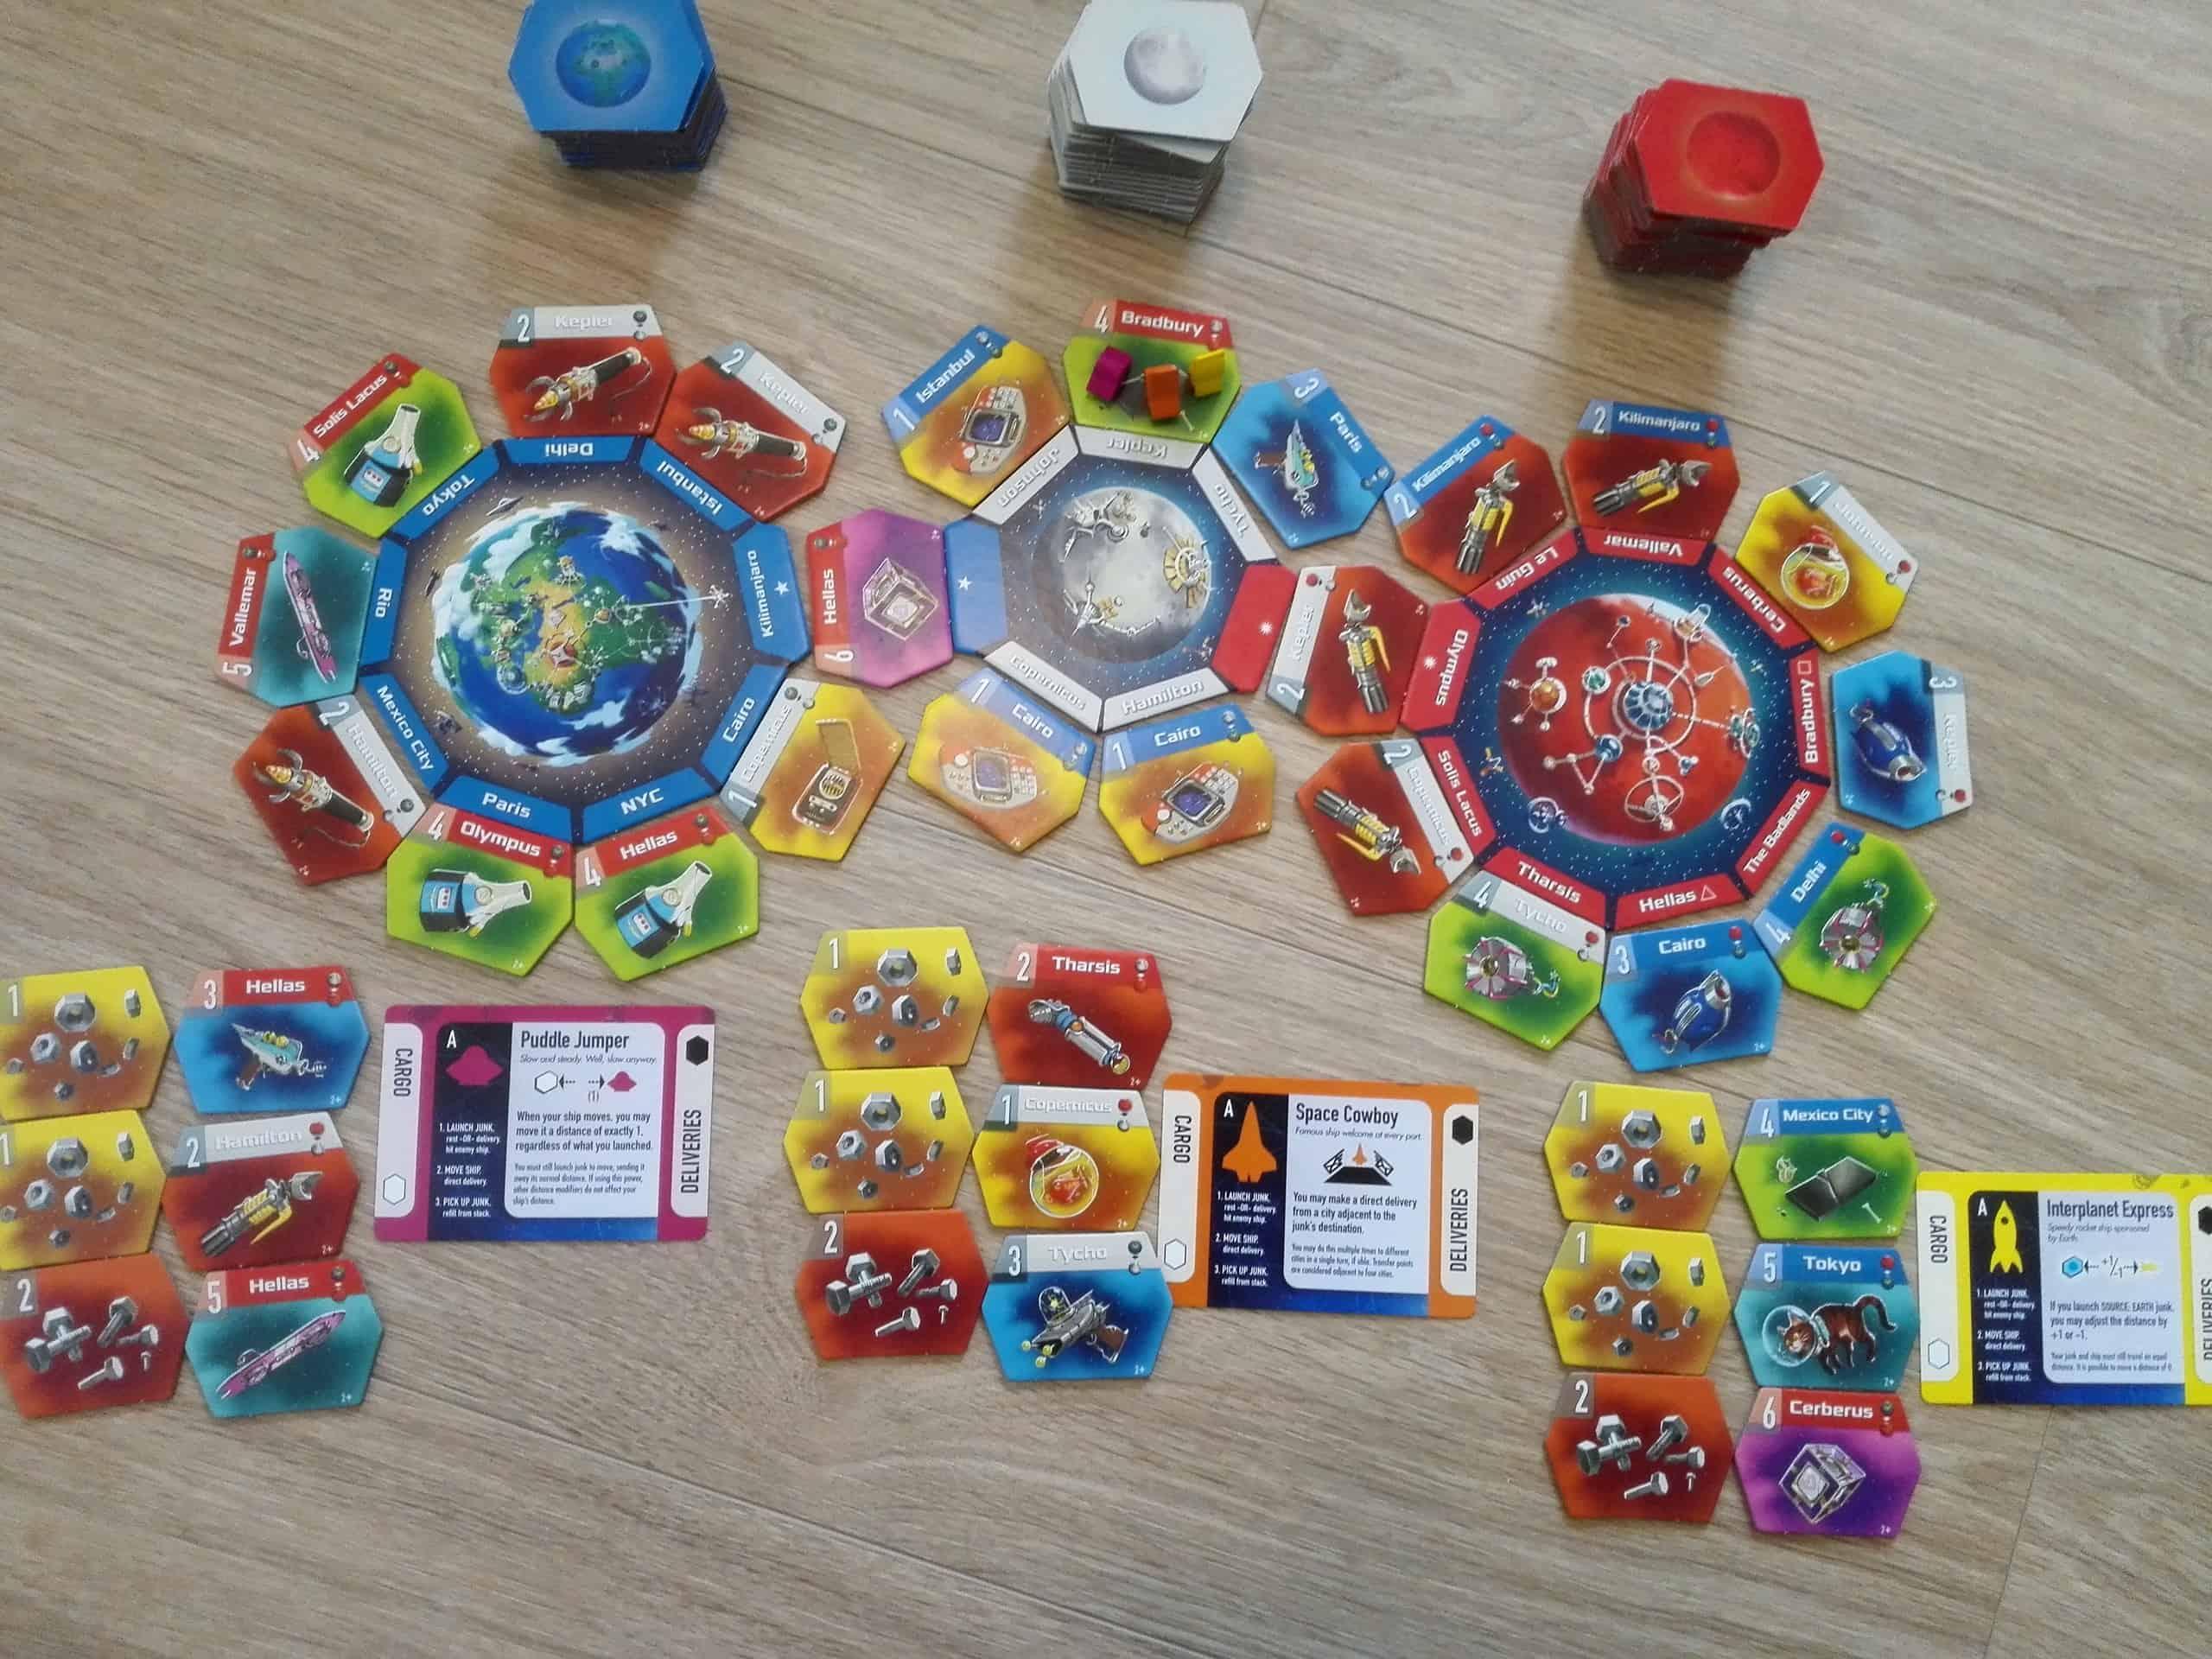 Junk Orbitin kolminpeli aseteltuna pöydälle